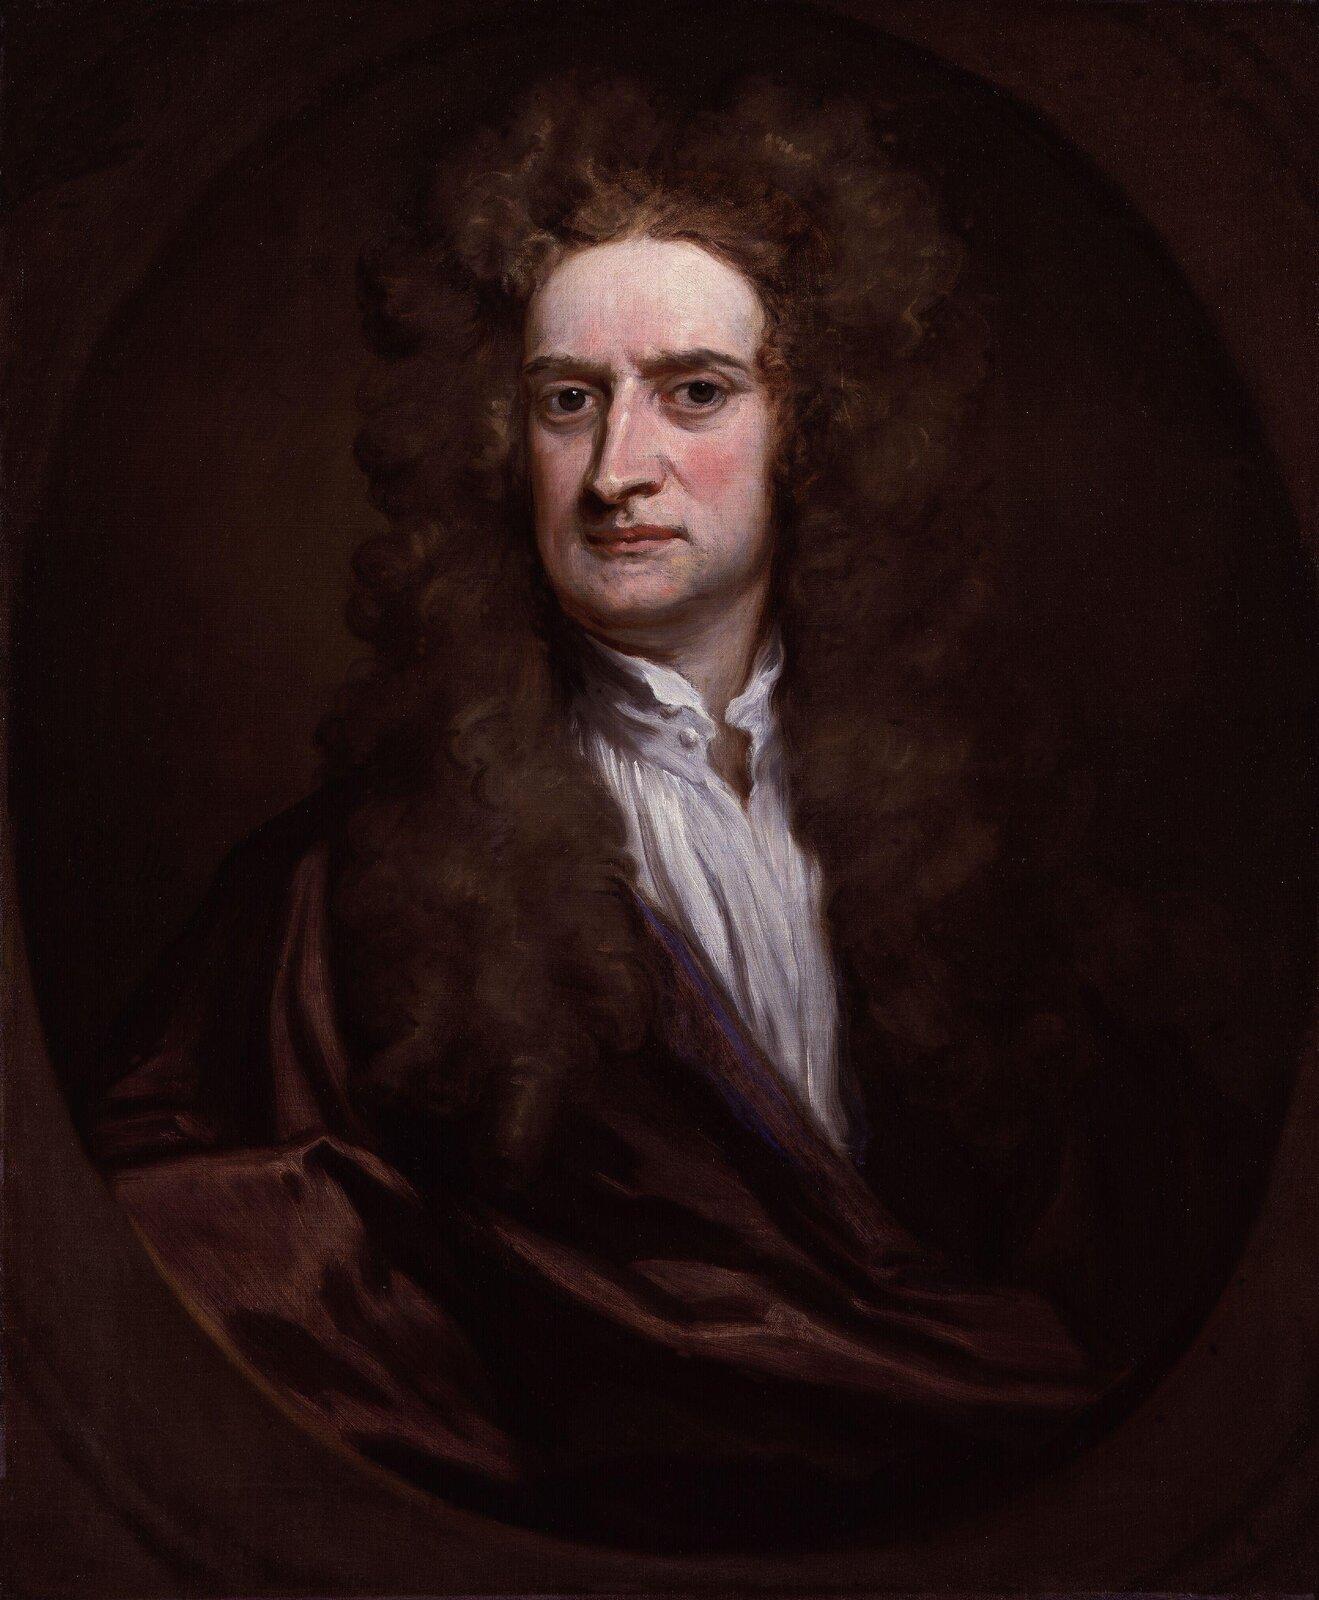 Ilustracja prezentuje portret Isaaca Newtona.